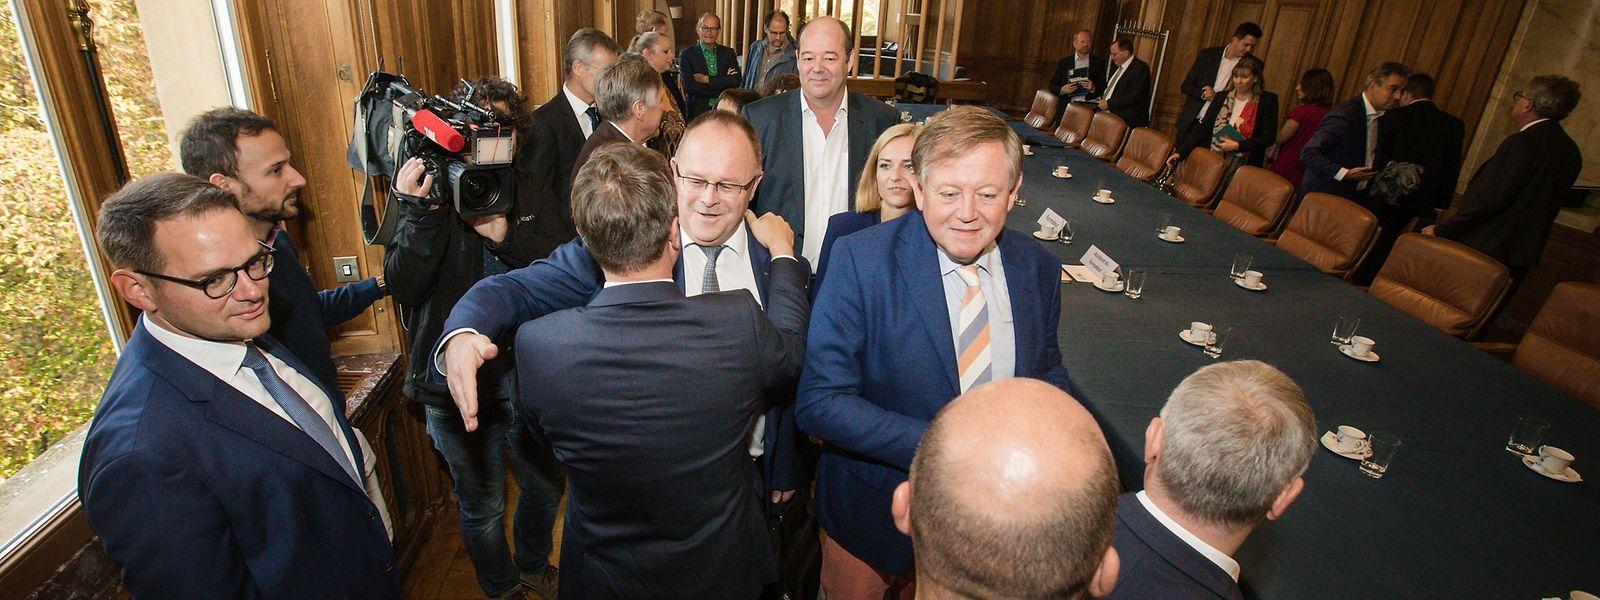 Le formateur du futur gouvernement, Xavier Bettel (de dos, au centre), salue la délégation socialiste lors de la première réunion de discussion en vue d'une coalition tripartite.